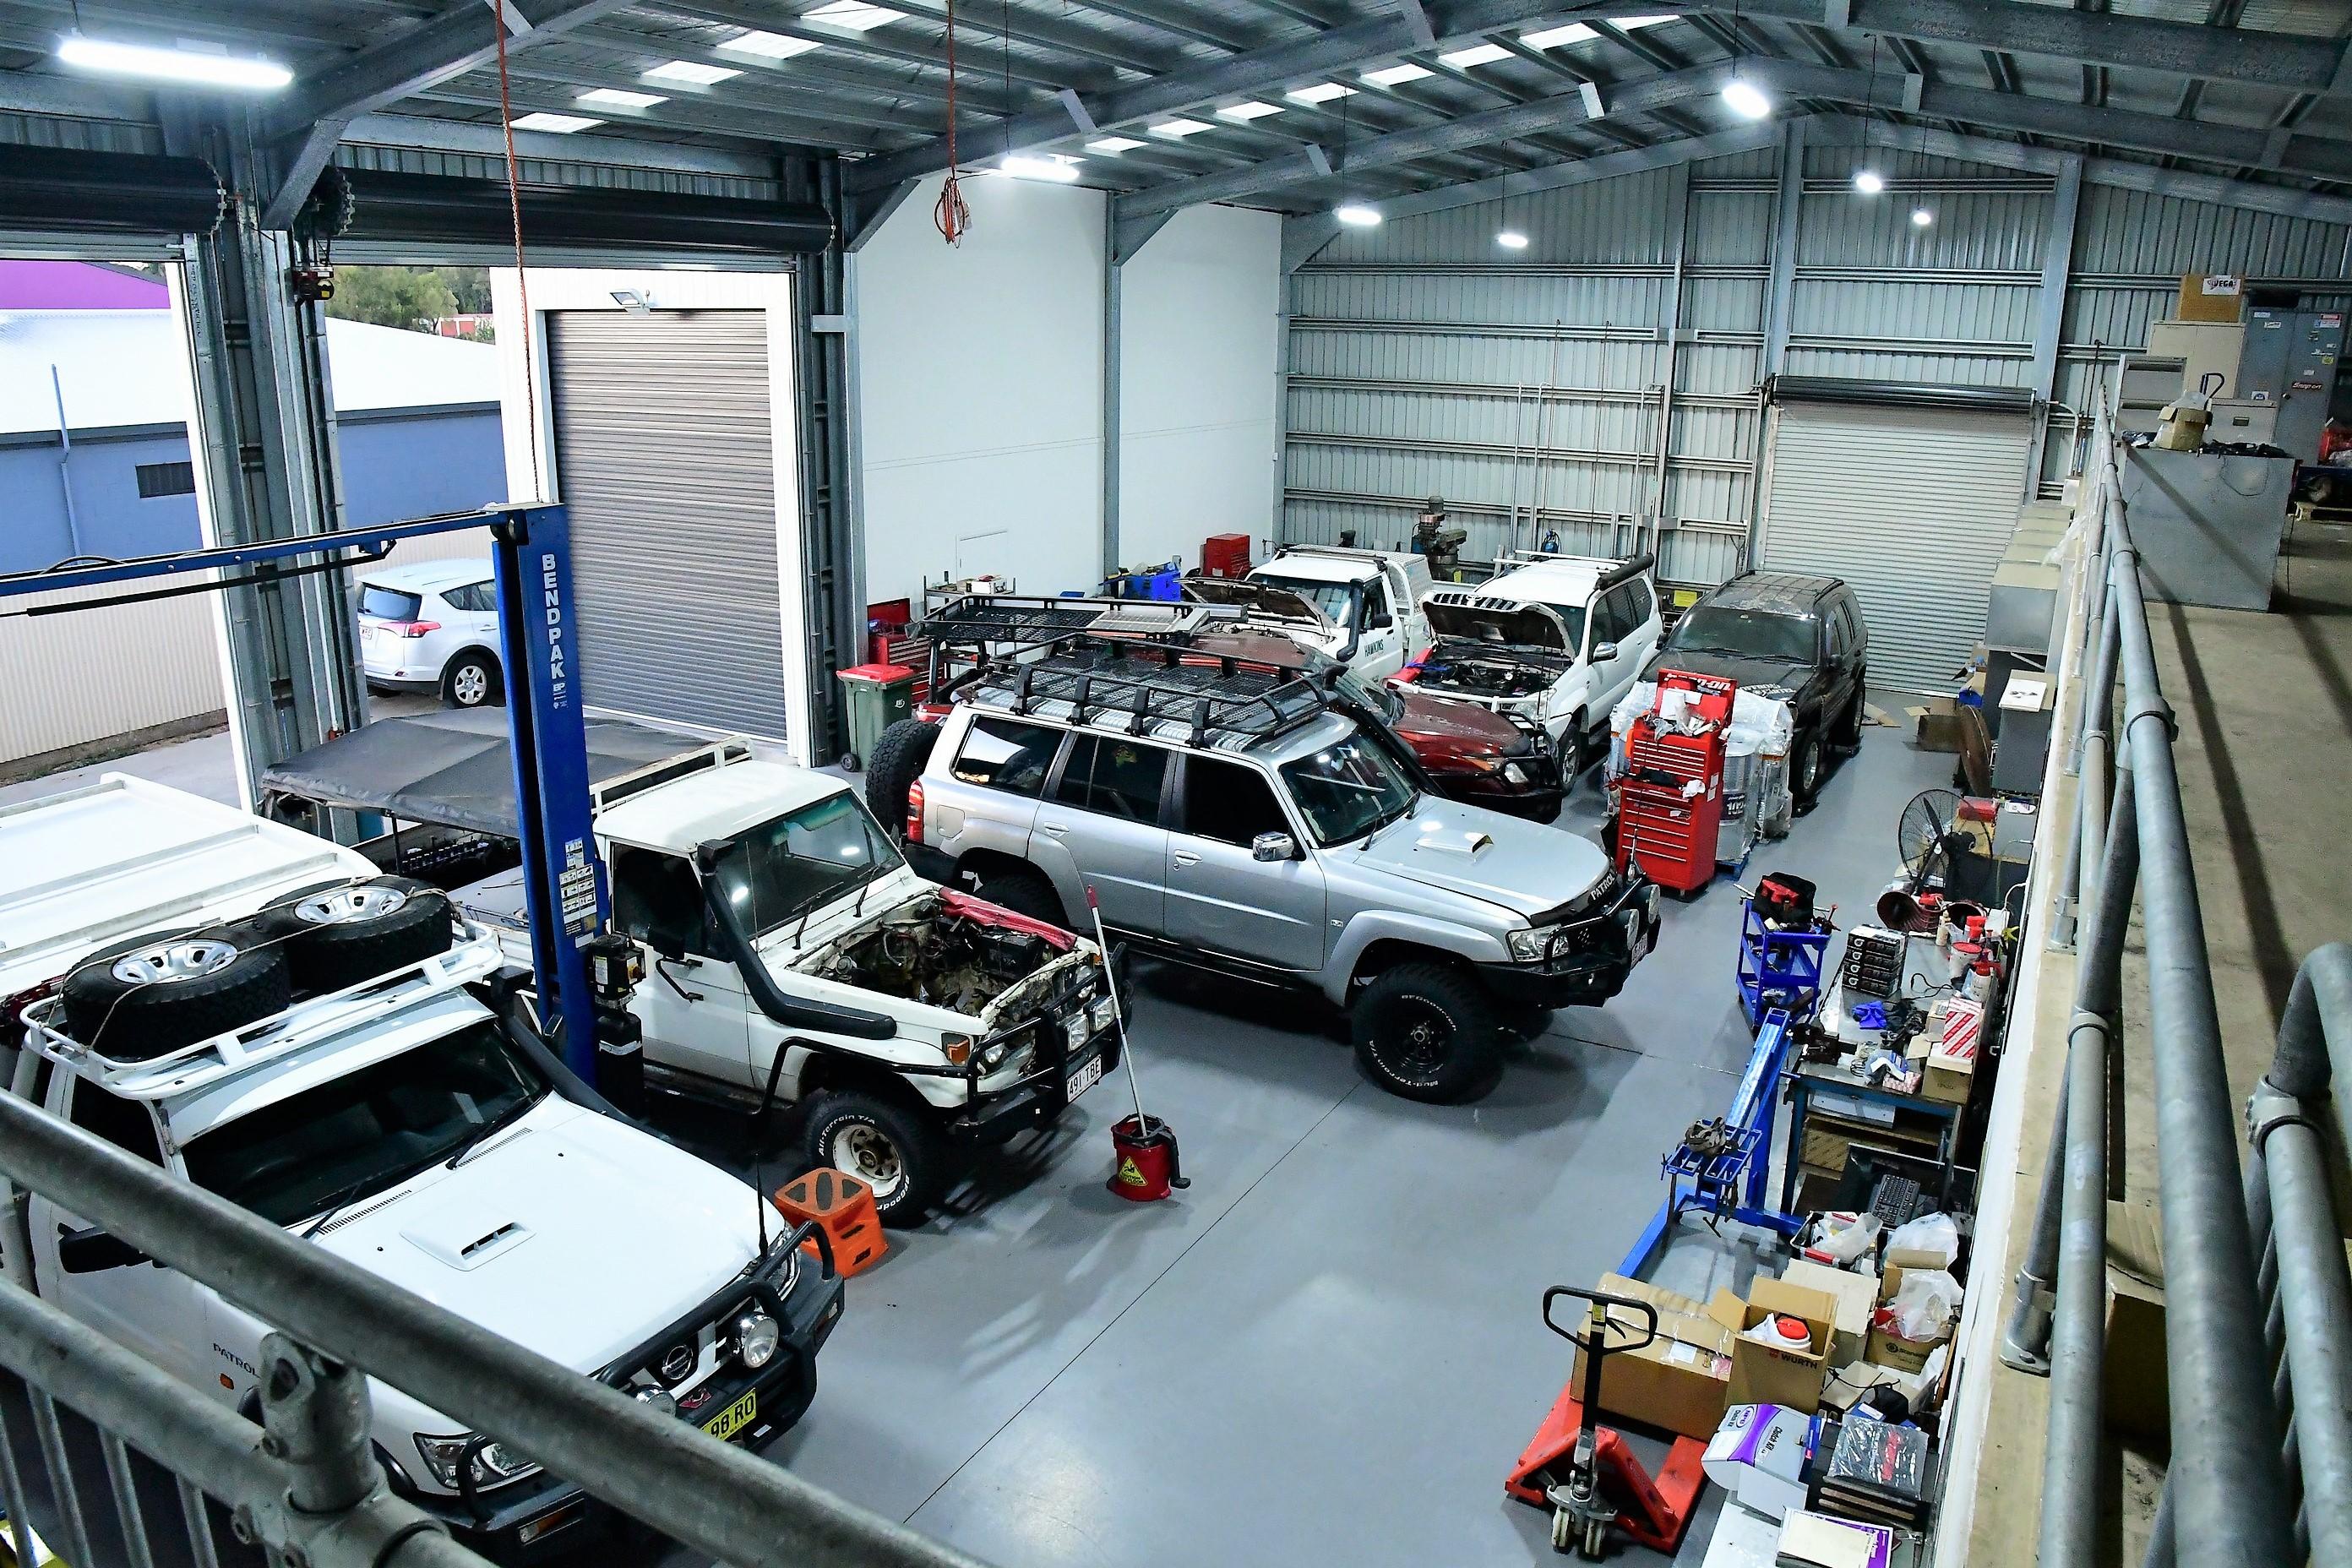 Diesel Fuel Injection Workshop TD42 ZD30 and Landcruiser